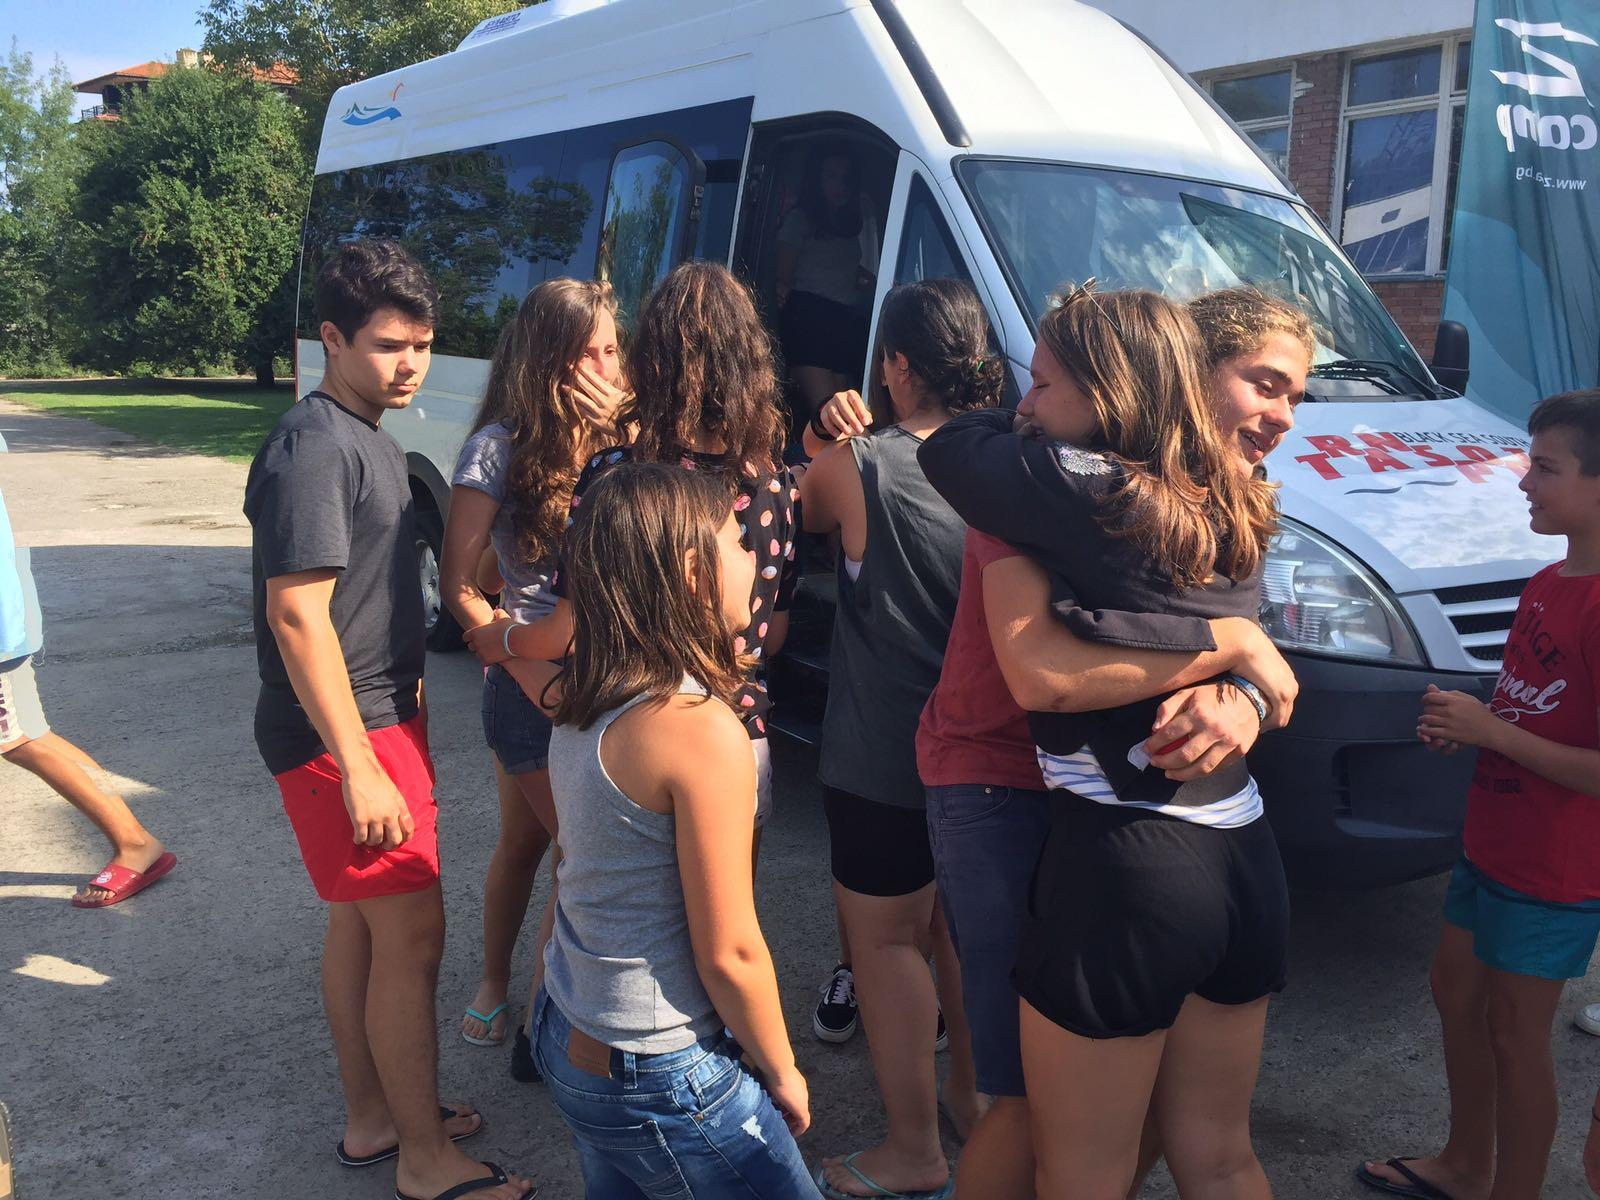 Z кемп ден 6 - момичетата се сбогуват в двора на лагера